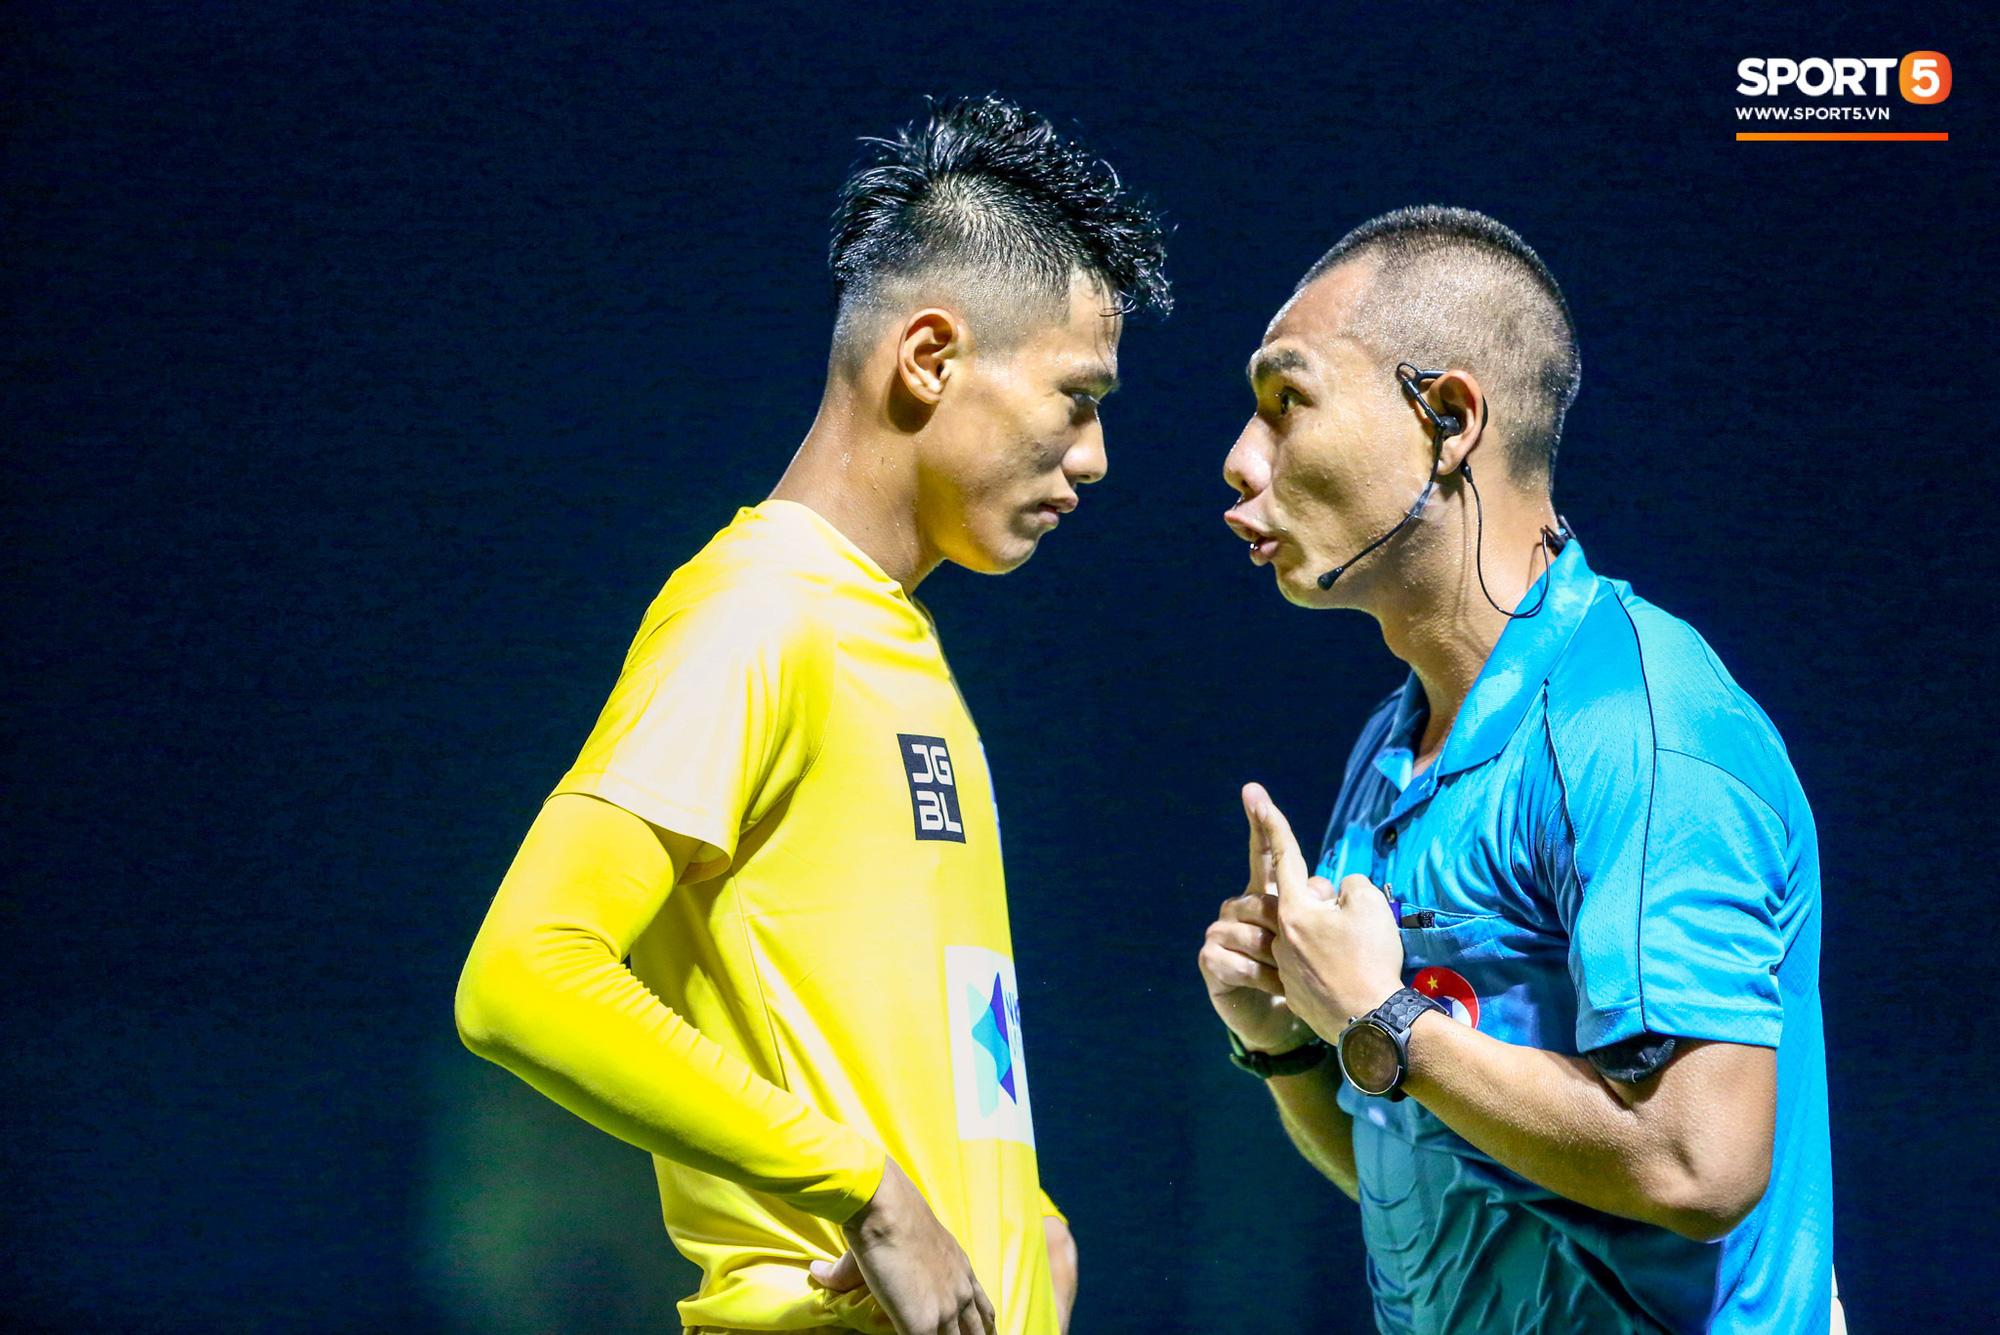 HLV Thanh Hoá: Trọng tài bắt như thế, đội có Quang Hải cũng không thắng được - Ảnh 2.